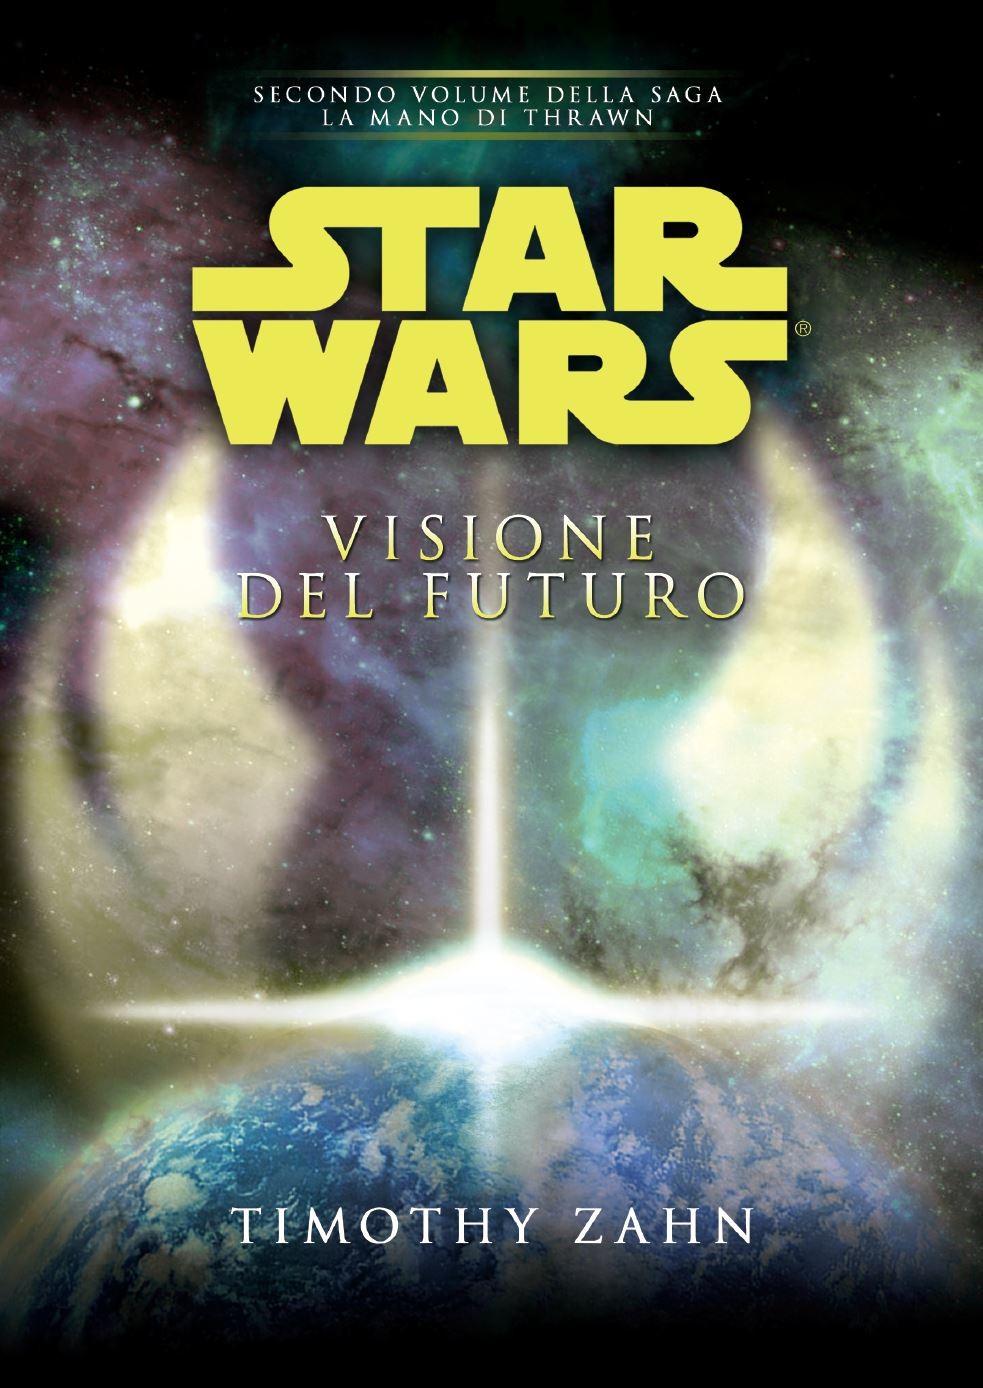 Book Cover Images Api : Star wars la mano di thrawn visione del futuro